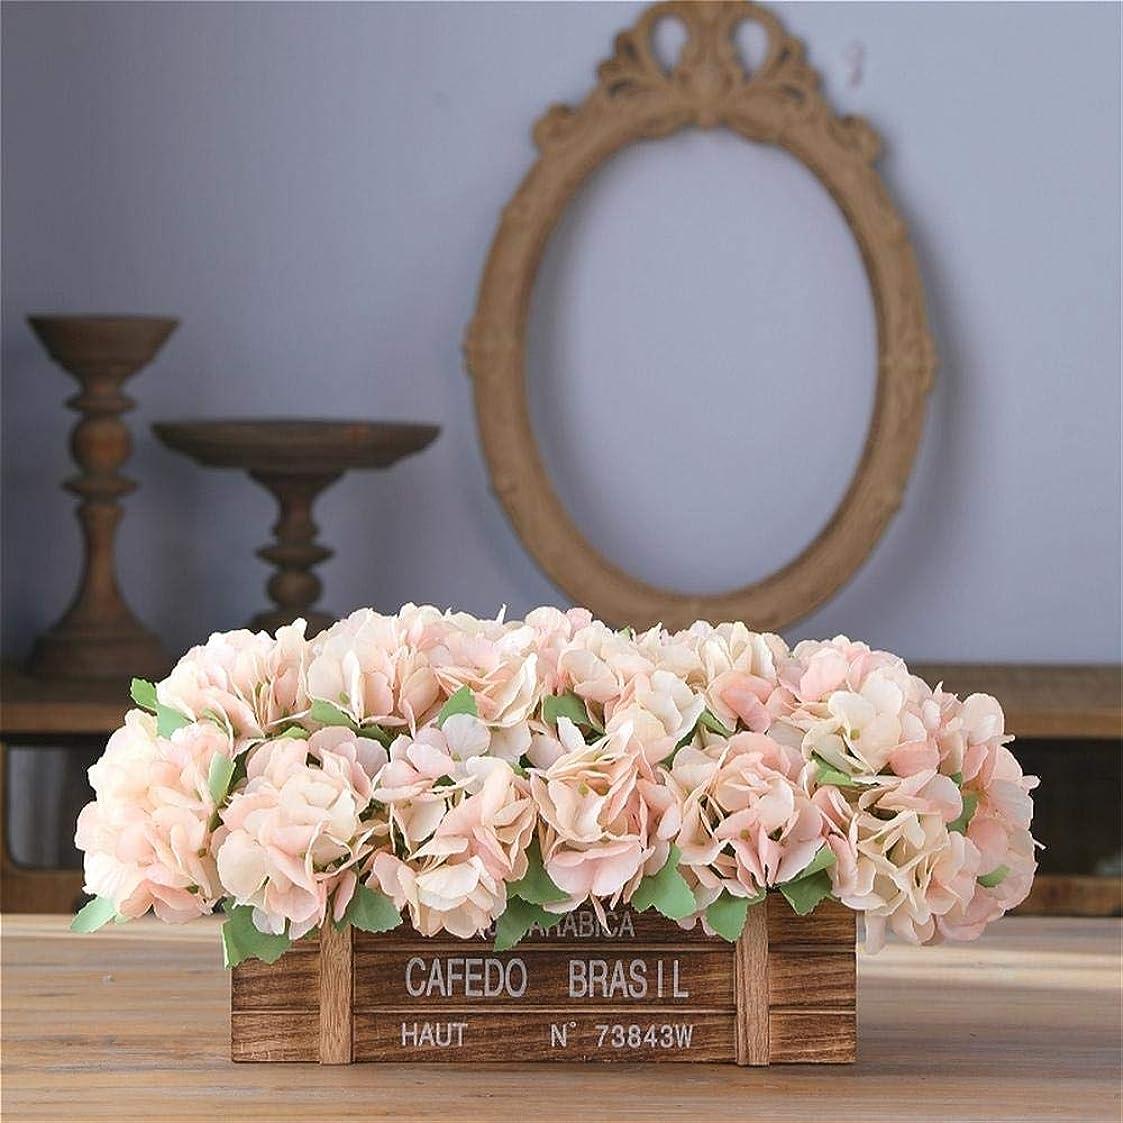 私また明日ね慈悲造花リビングルームベッドルームパーティーダイニングテーブルウィンドウ敷居結婚式の装飾木製フラワーポットホリデーギフトミニ鉢植えピンクの花